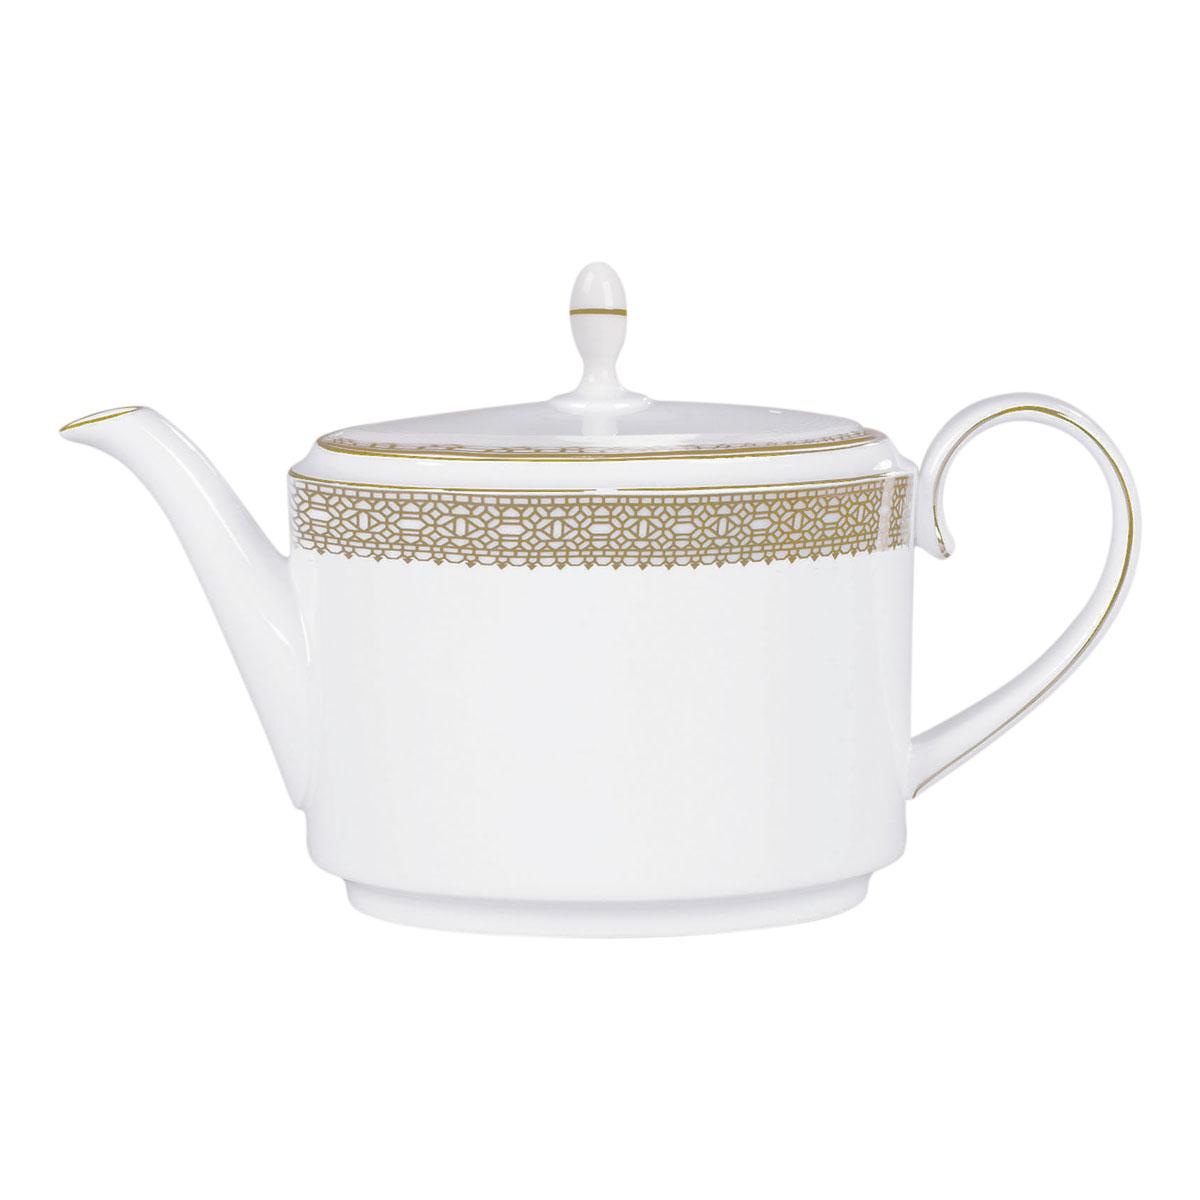 Vera Wang Wedgwood Vera Lace Gold Teapot